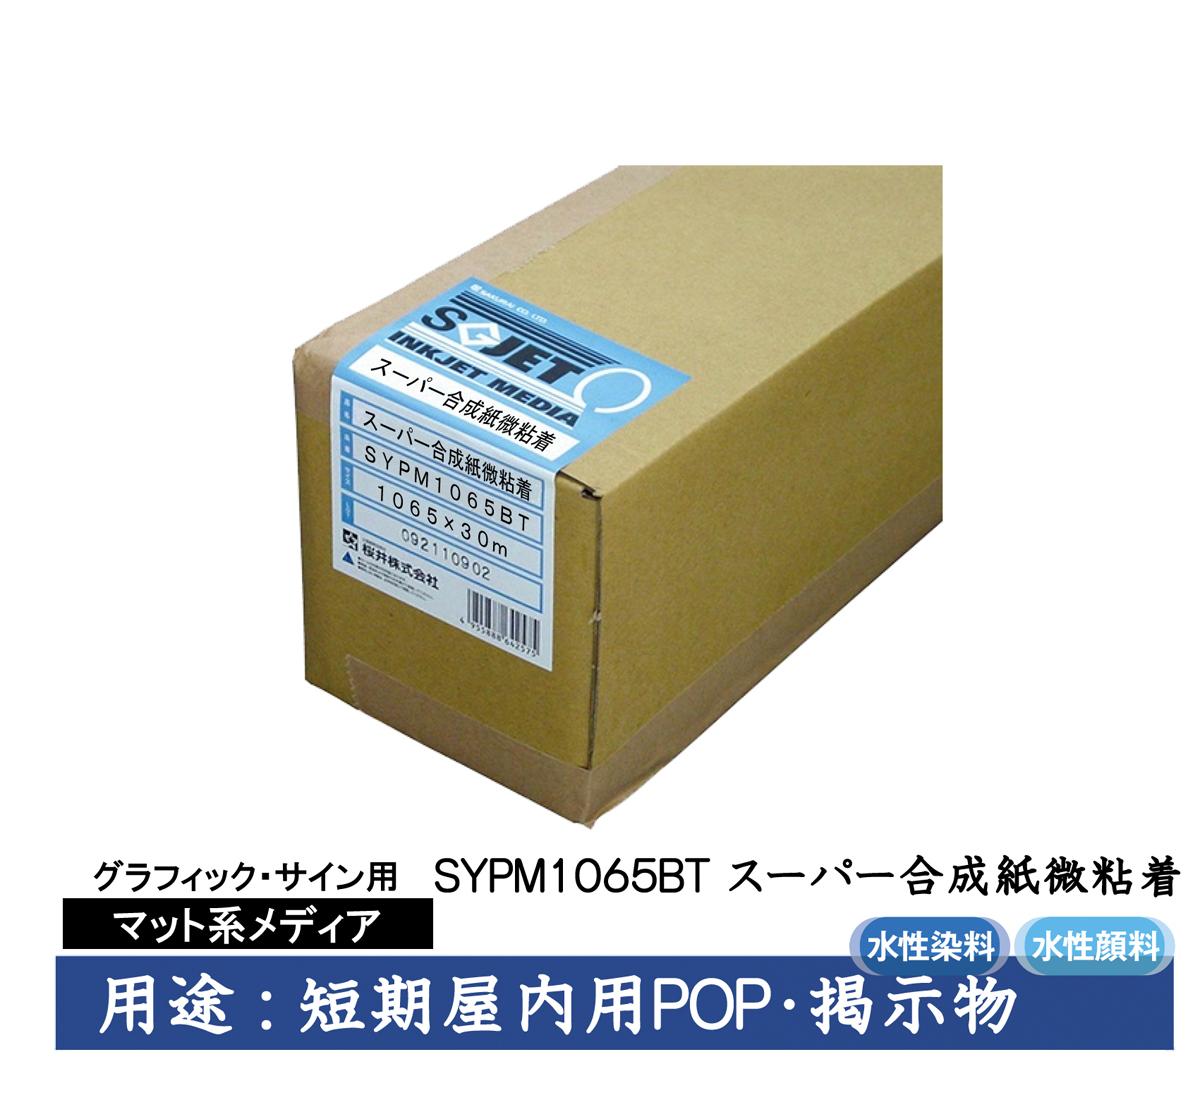 桜井 グラフィック・サイン用インクジェット用紙 スーパー合成紙微粘着 1065mm×30m 3インチ 1本入 SYPM1065BT